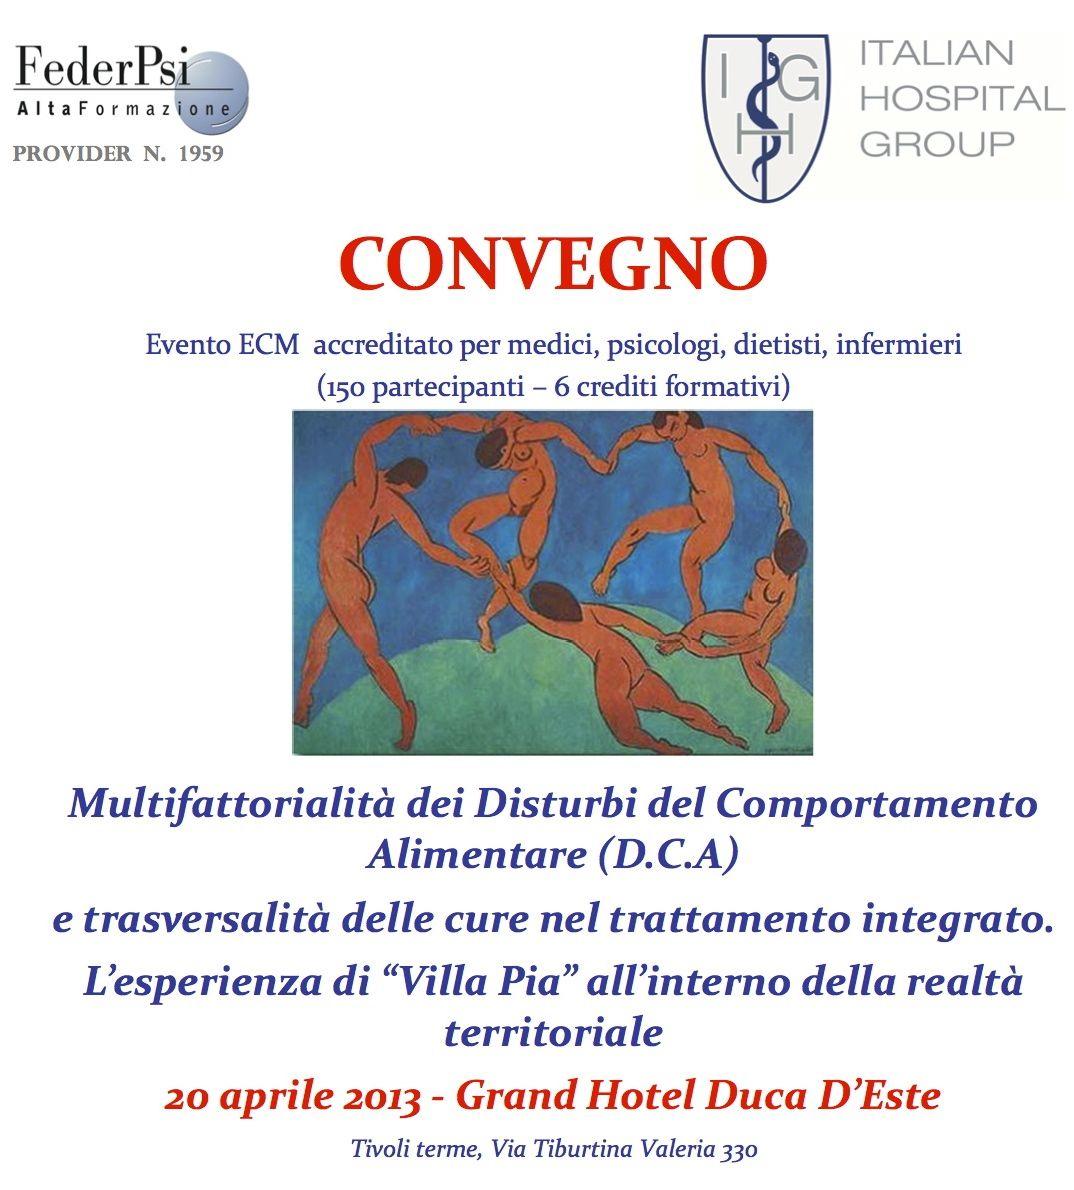 Tonino Cantelmi convegni 2013